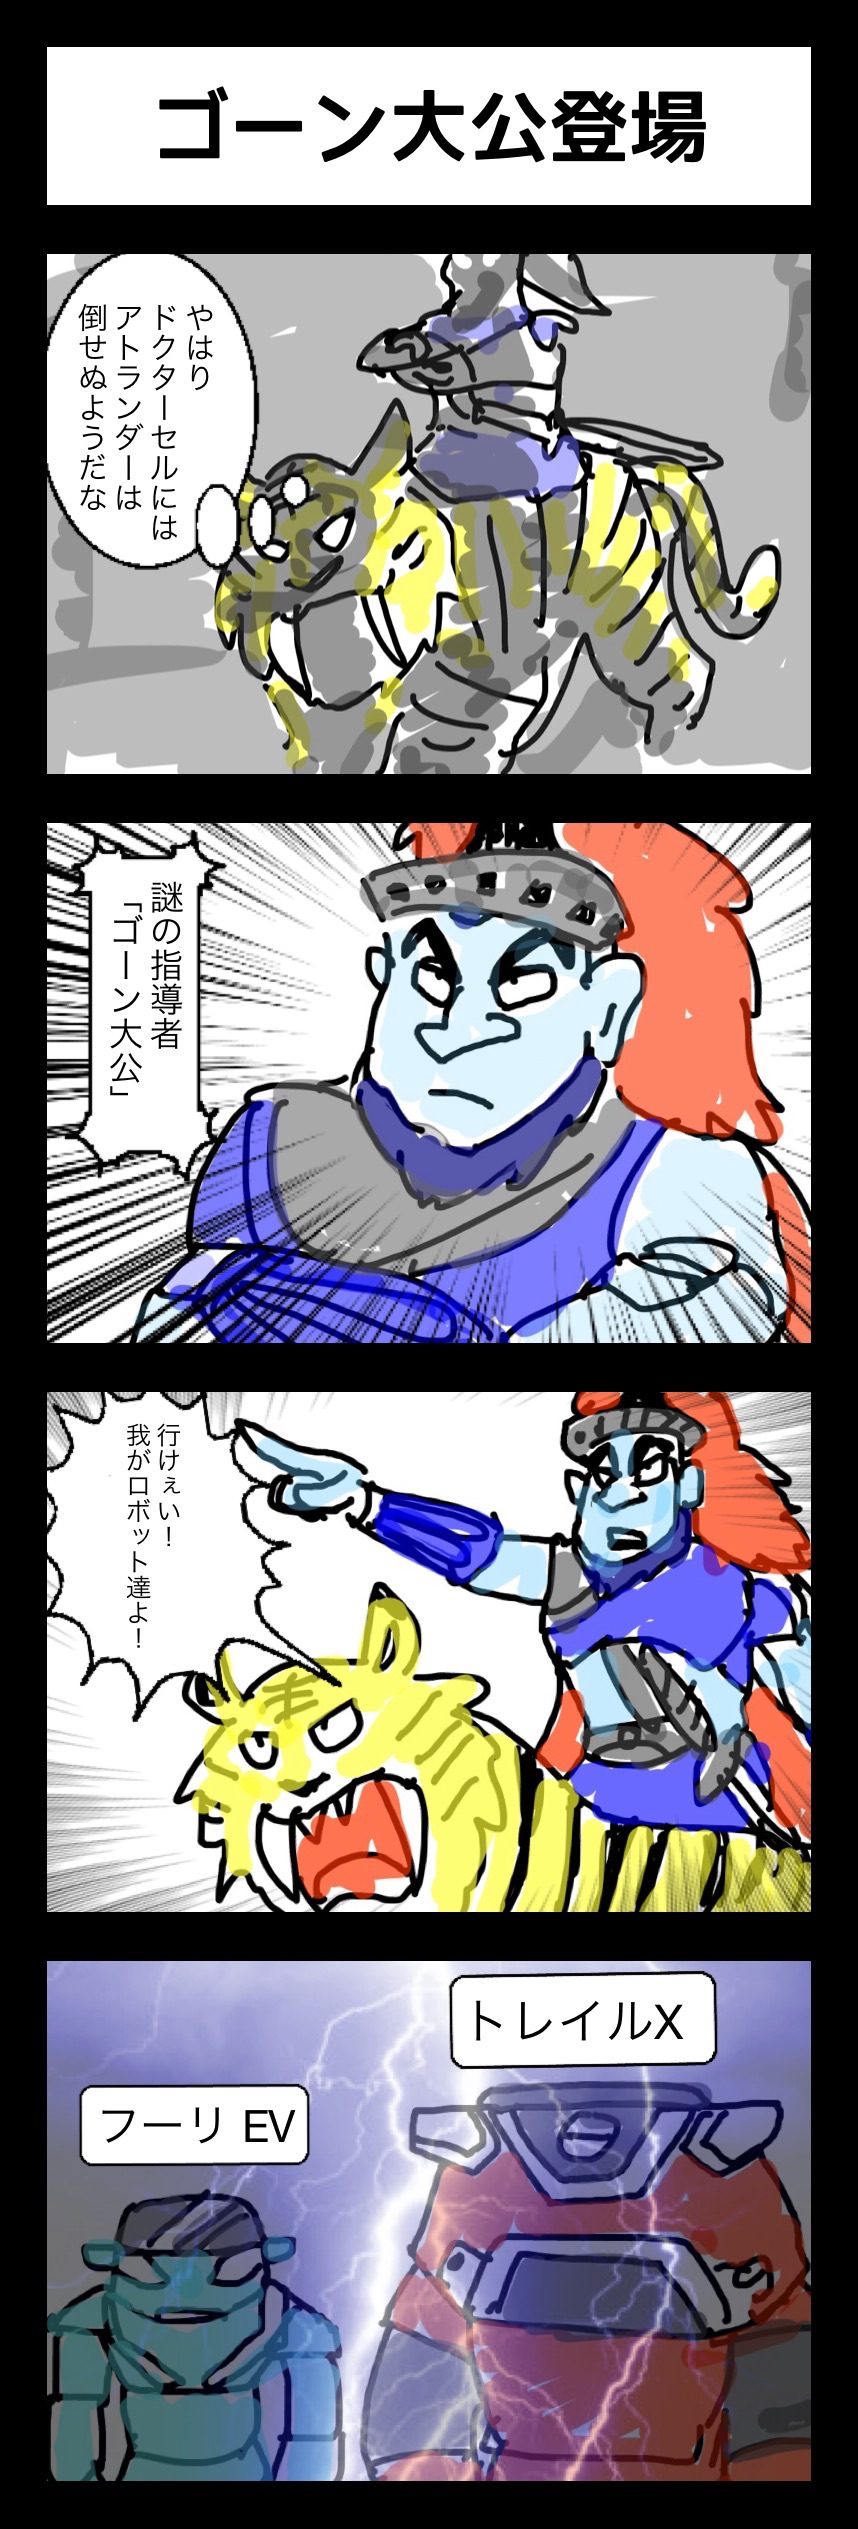 連鎖4コマ漫画 アトランダーV 24